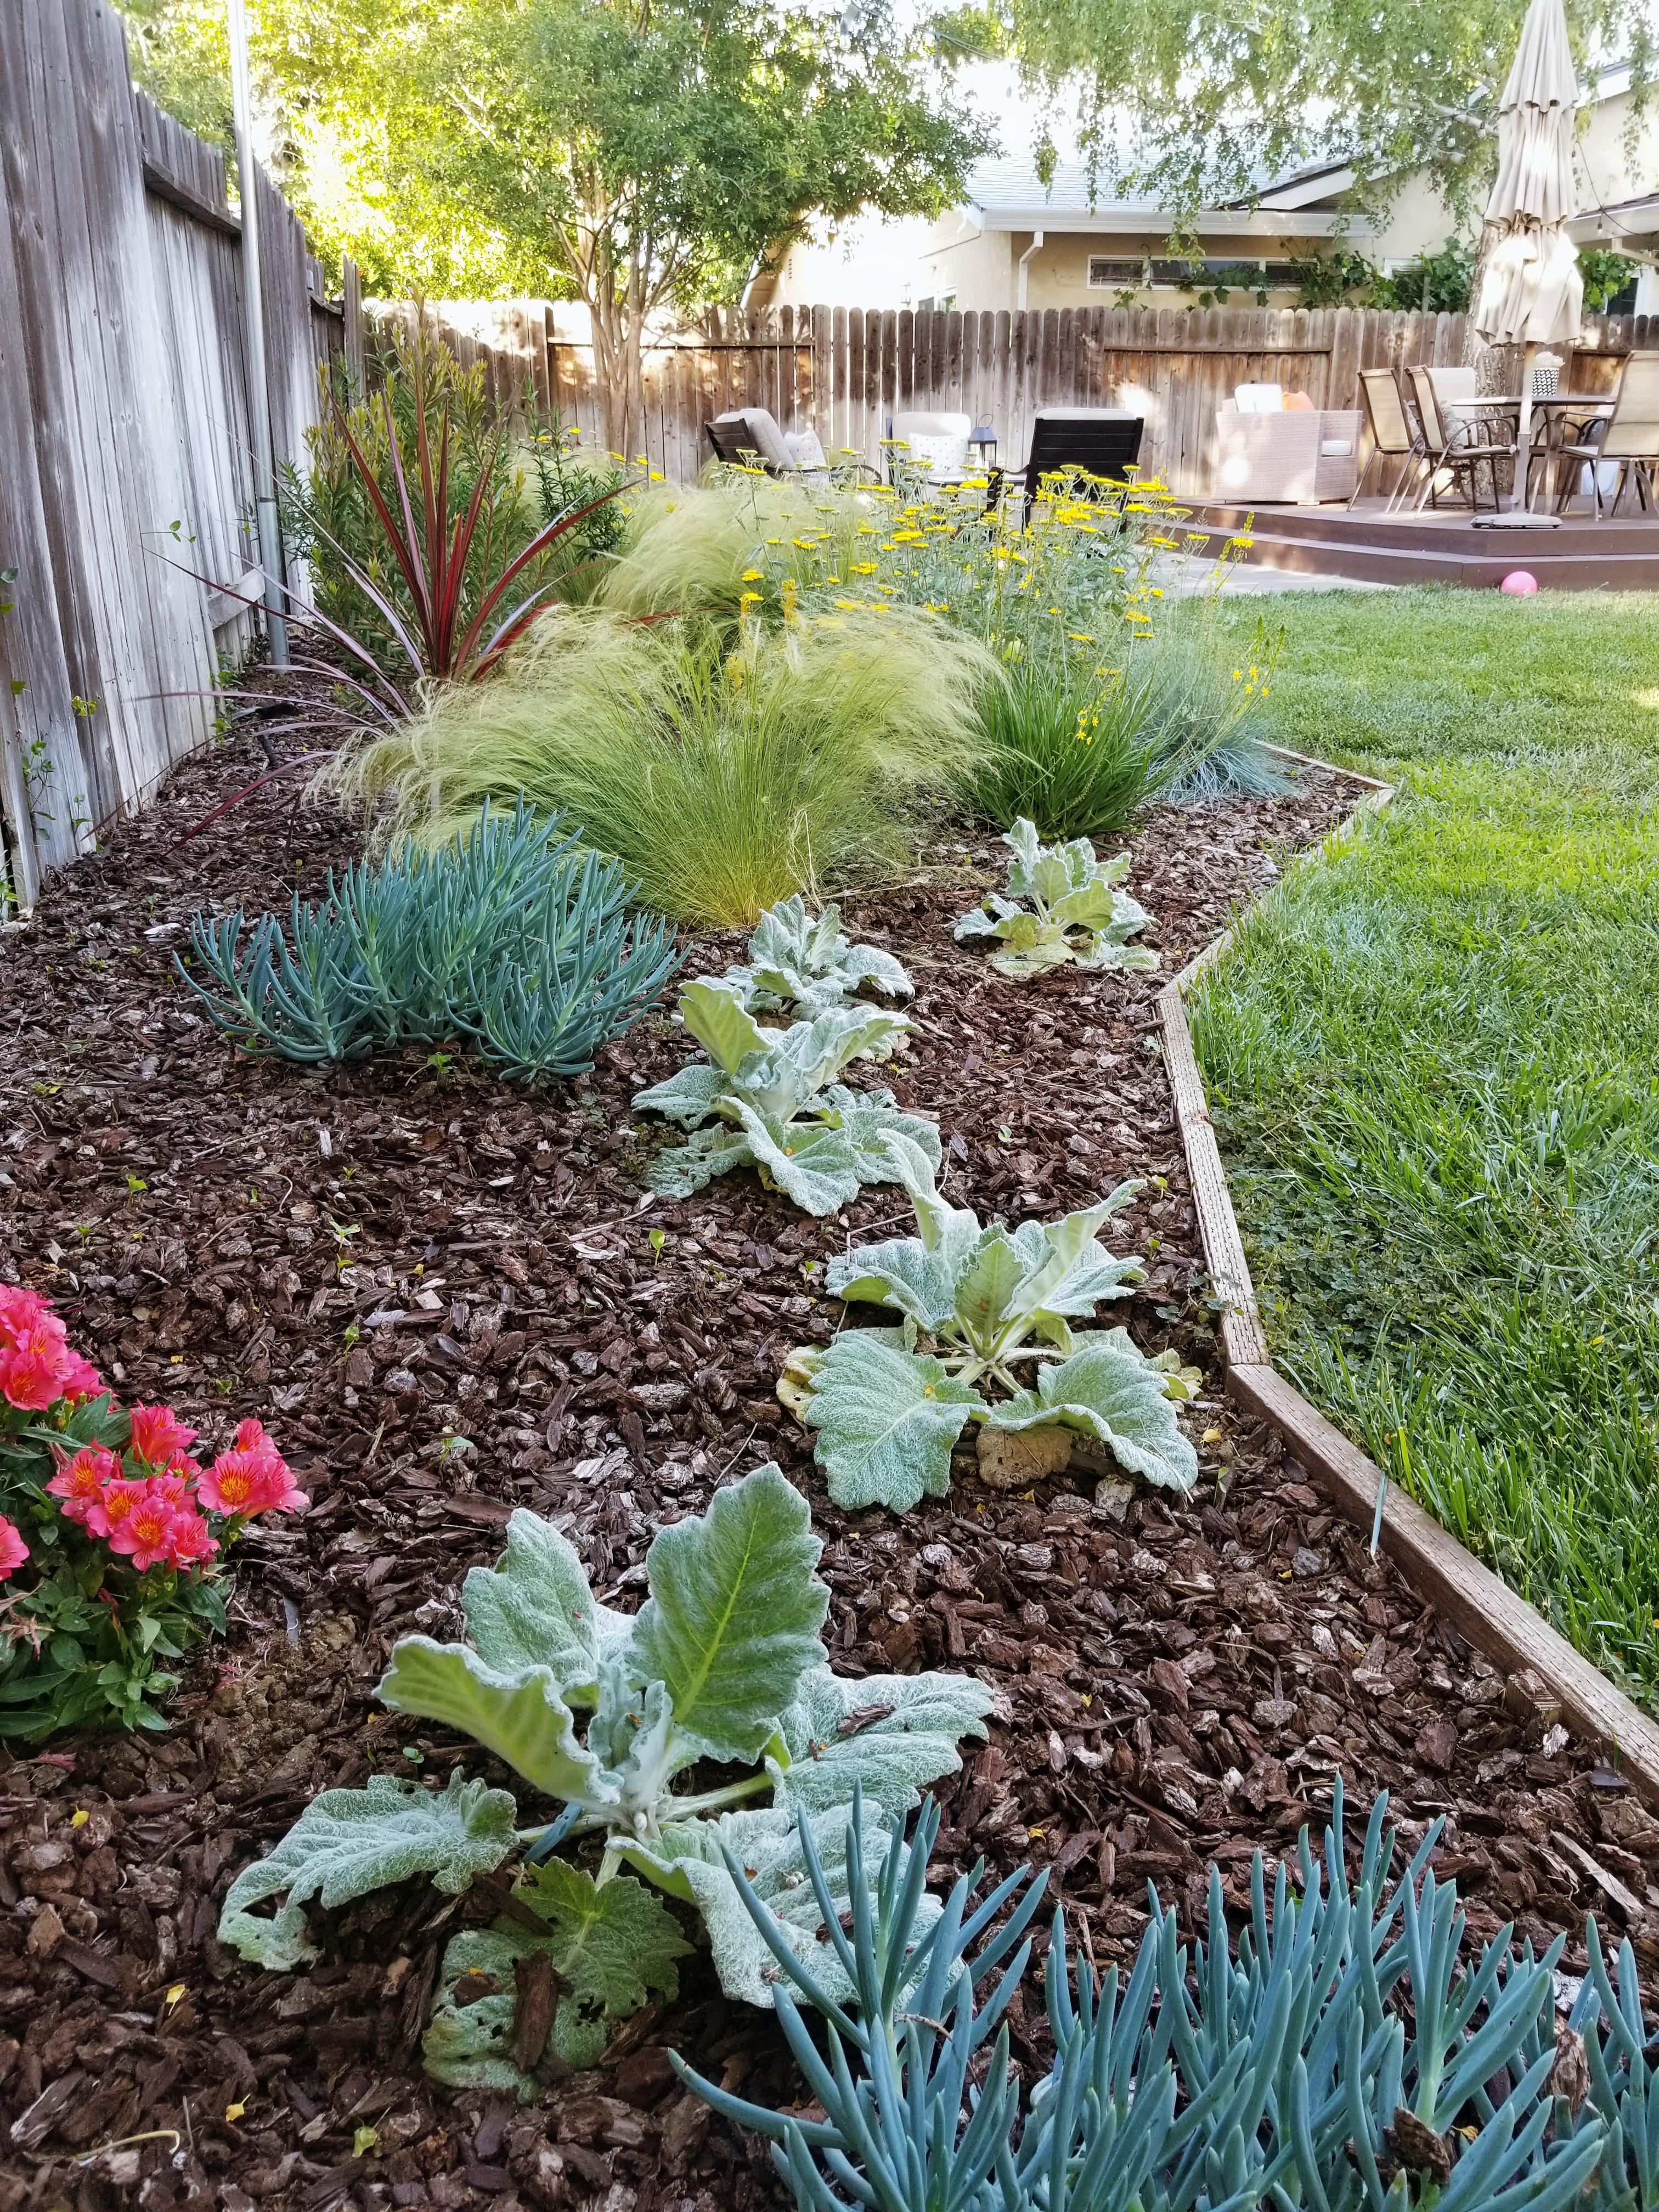 Balboa Backyard